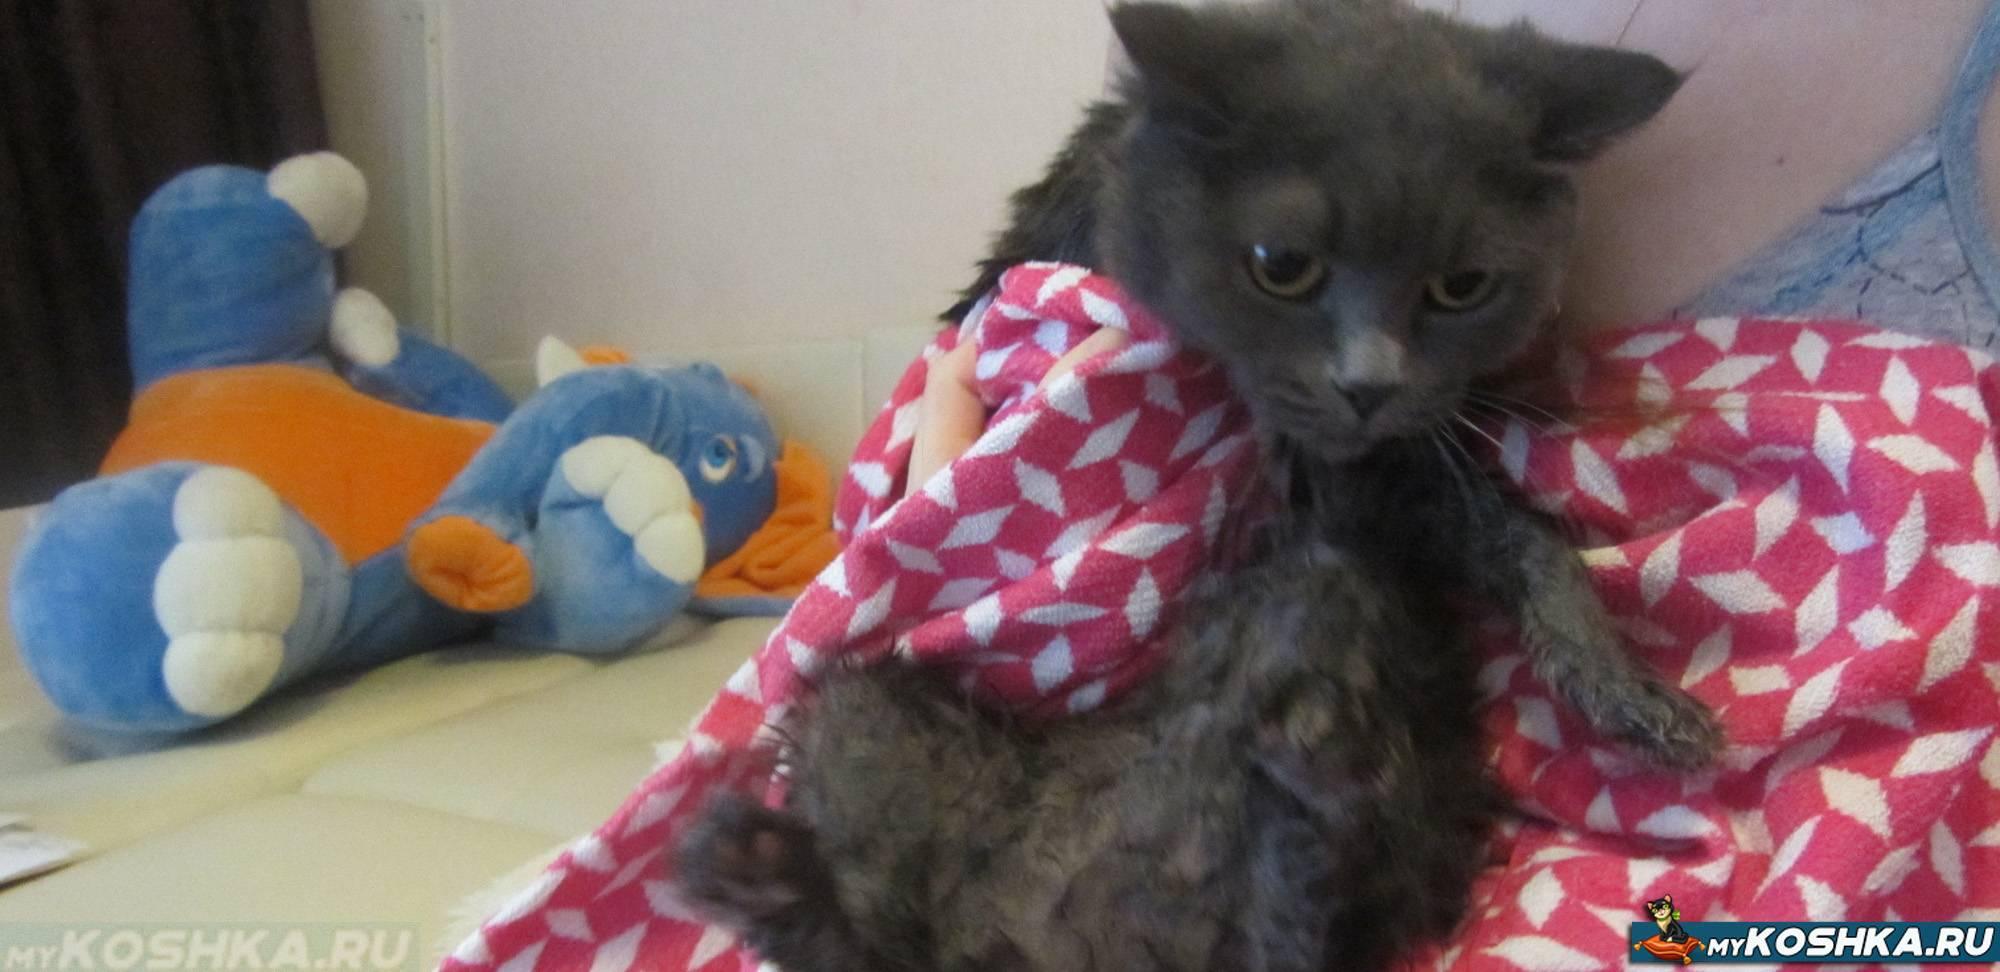 Кошка просит кота как её успокоить в домашних условиях: средства